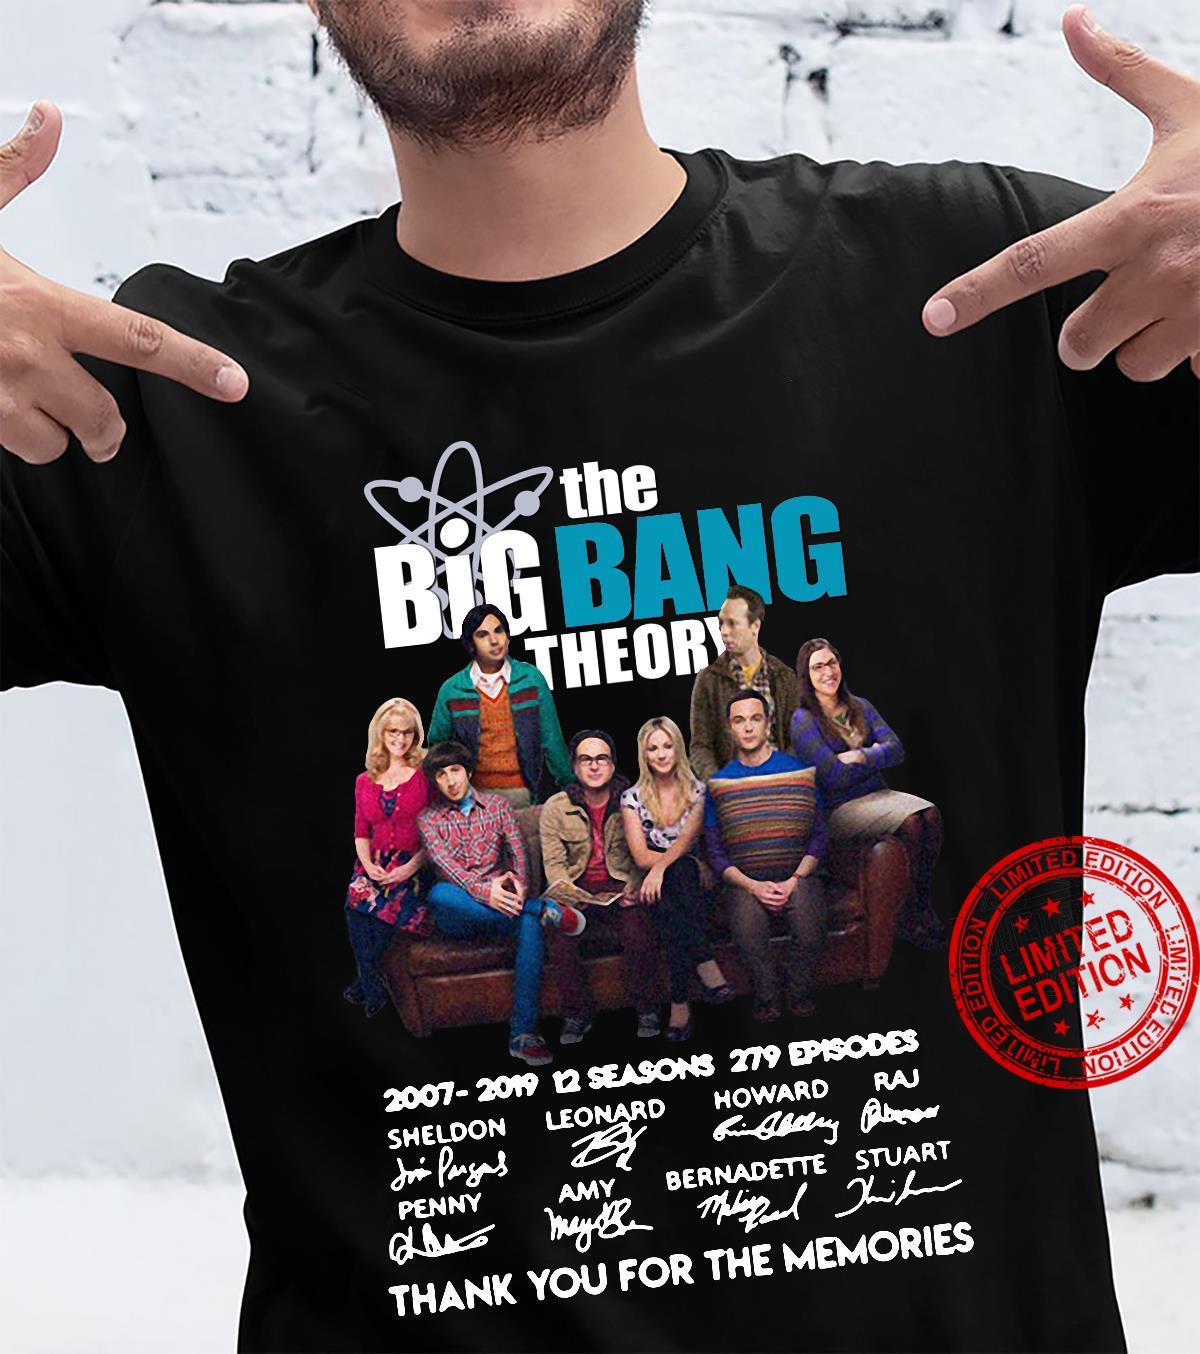 The Big Bang Theory 2007-2019 12 seasons 279 episodes signatures shirt